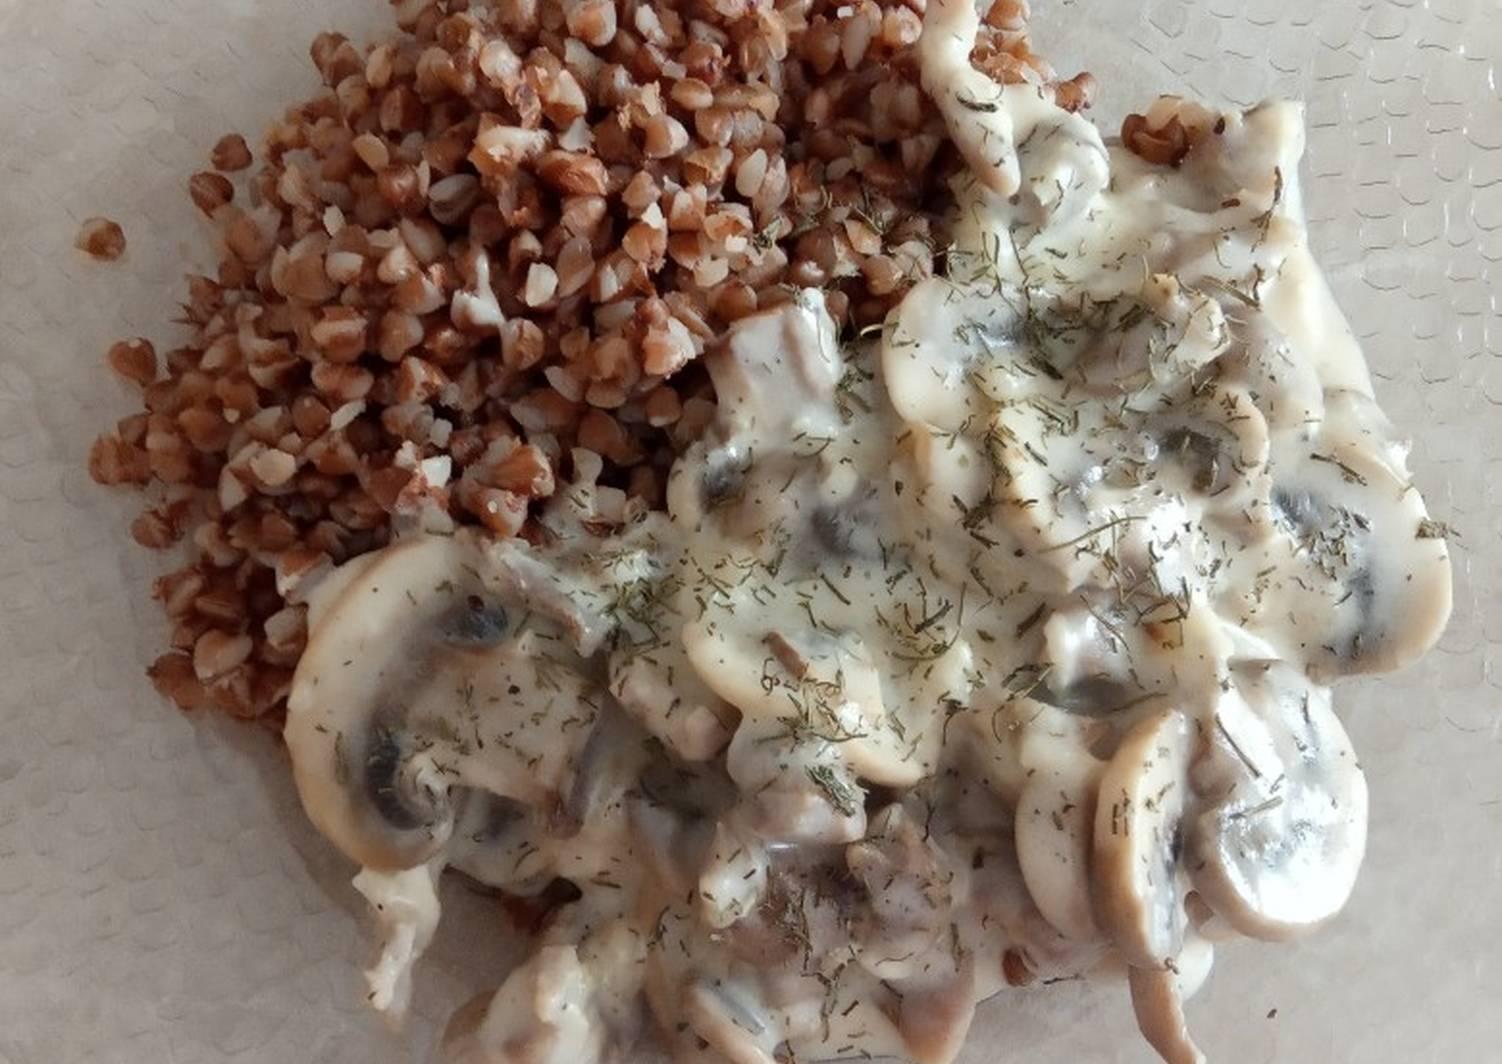 установили мировой грибы в сливочном соусе рецепт с фото перстень символ власти